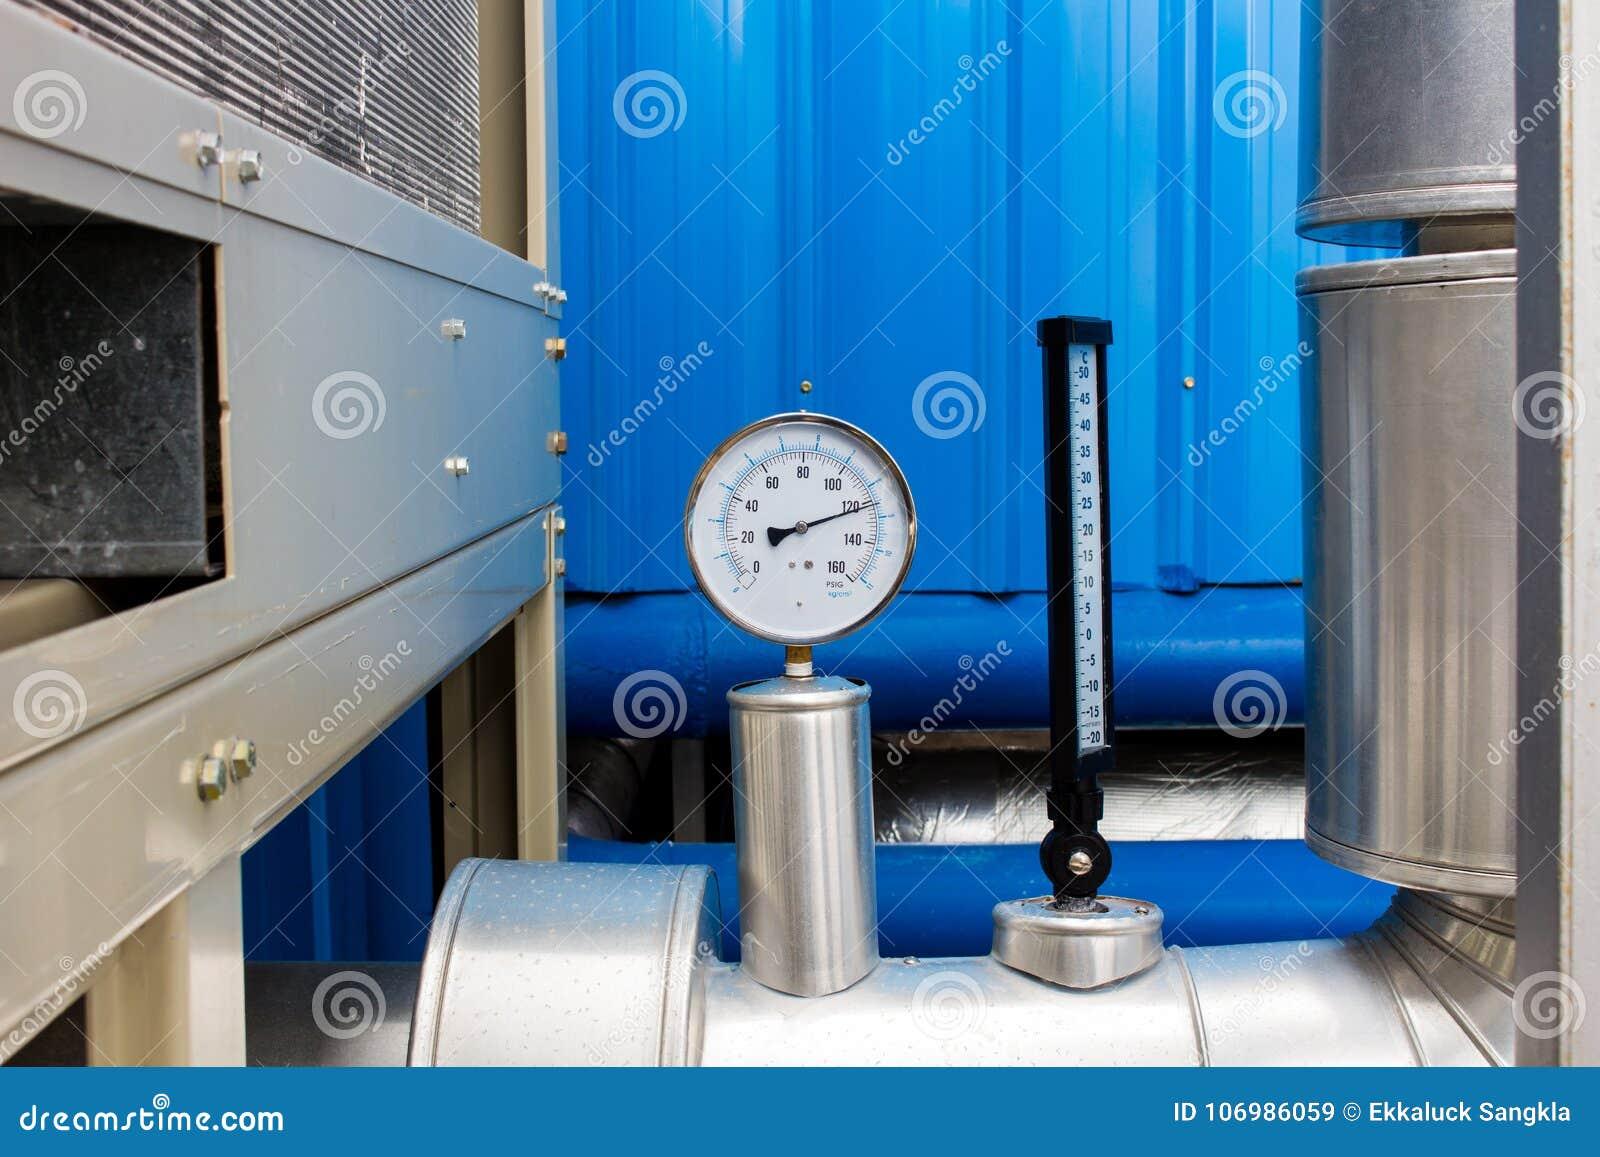 Den Tryckmåttet Och Termometern I Kallt Rör För Vatten På